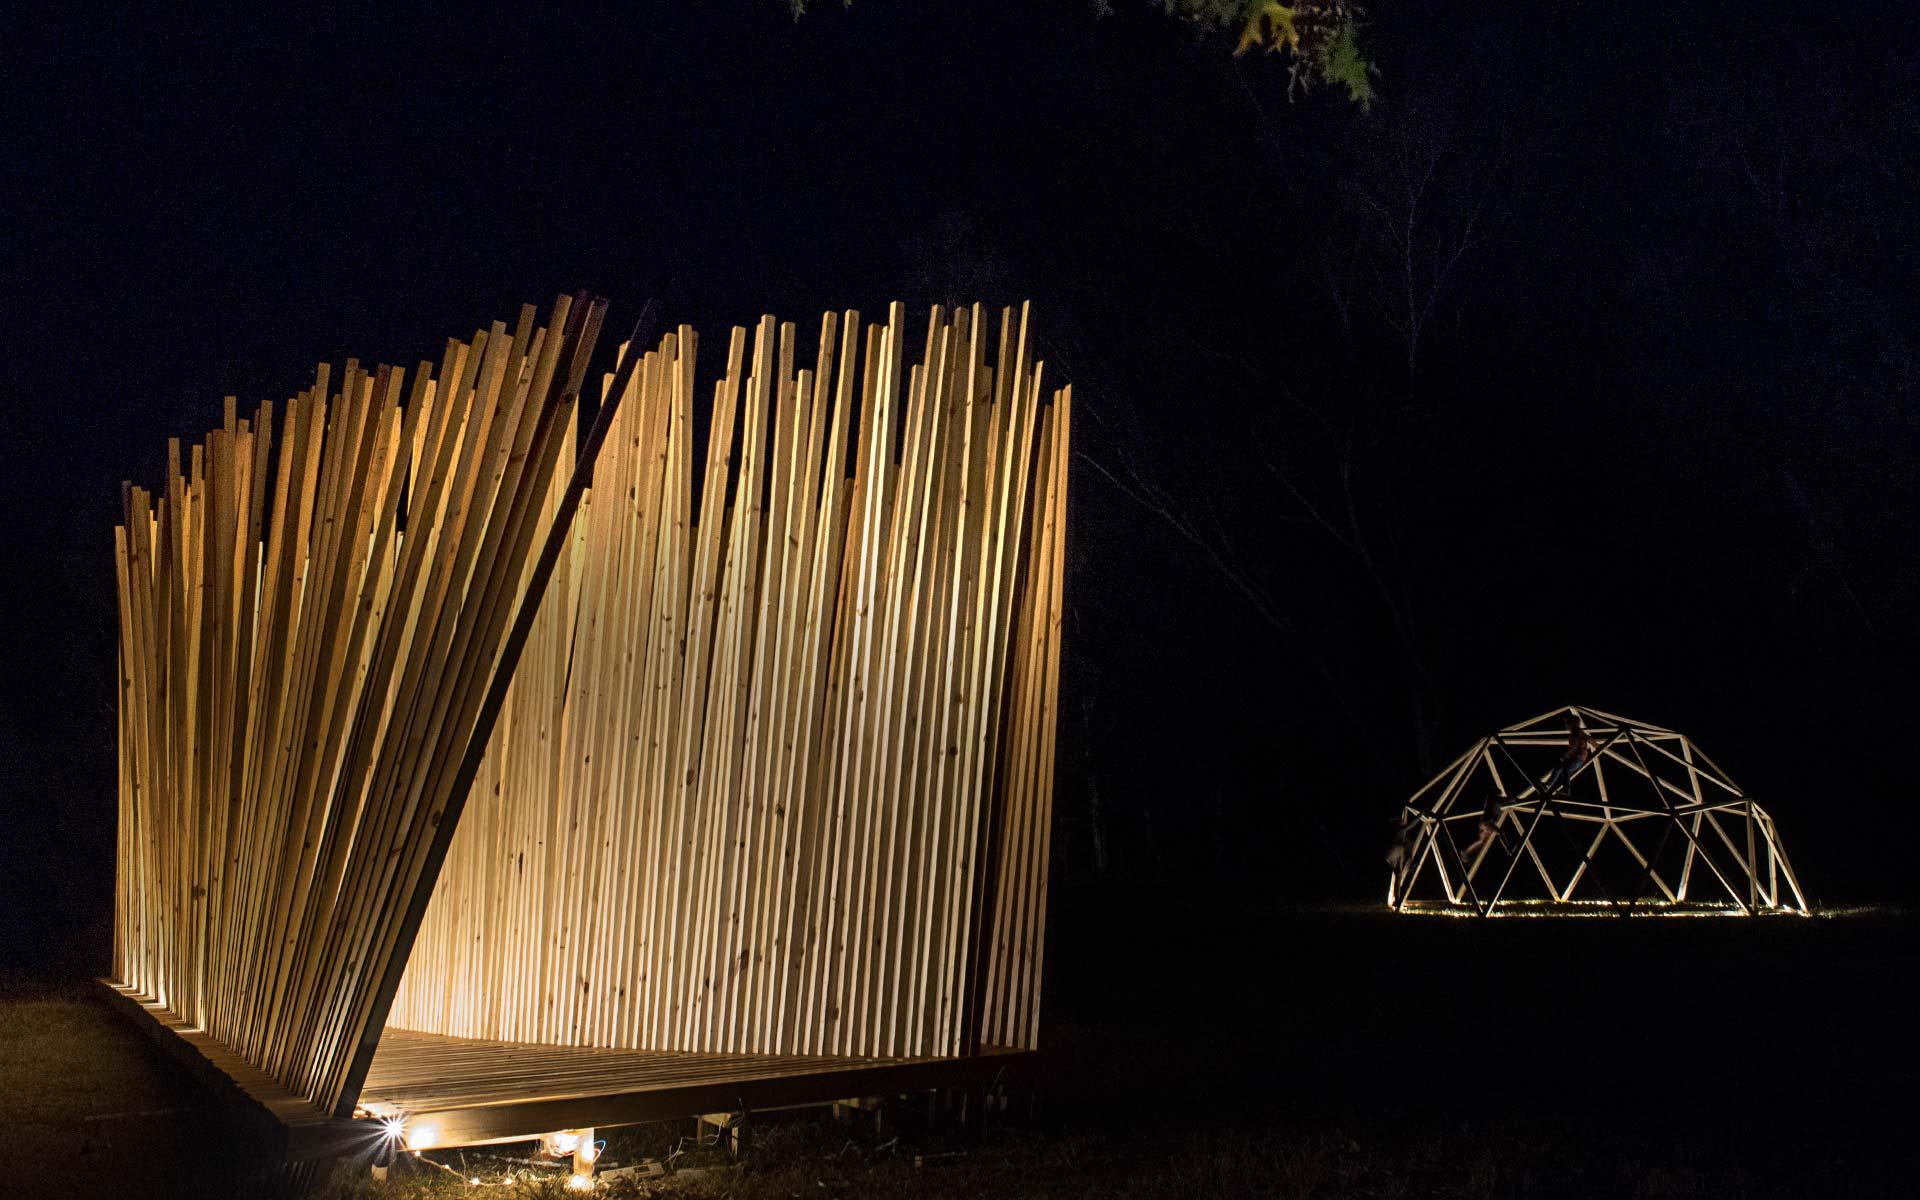 Arquitectura Diseño, Instalación Artistica: Construcción con listones de Madera de noche con iluminación